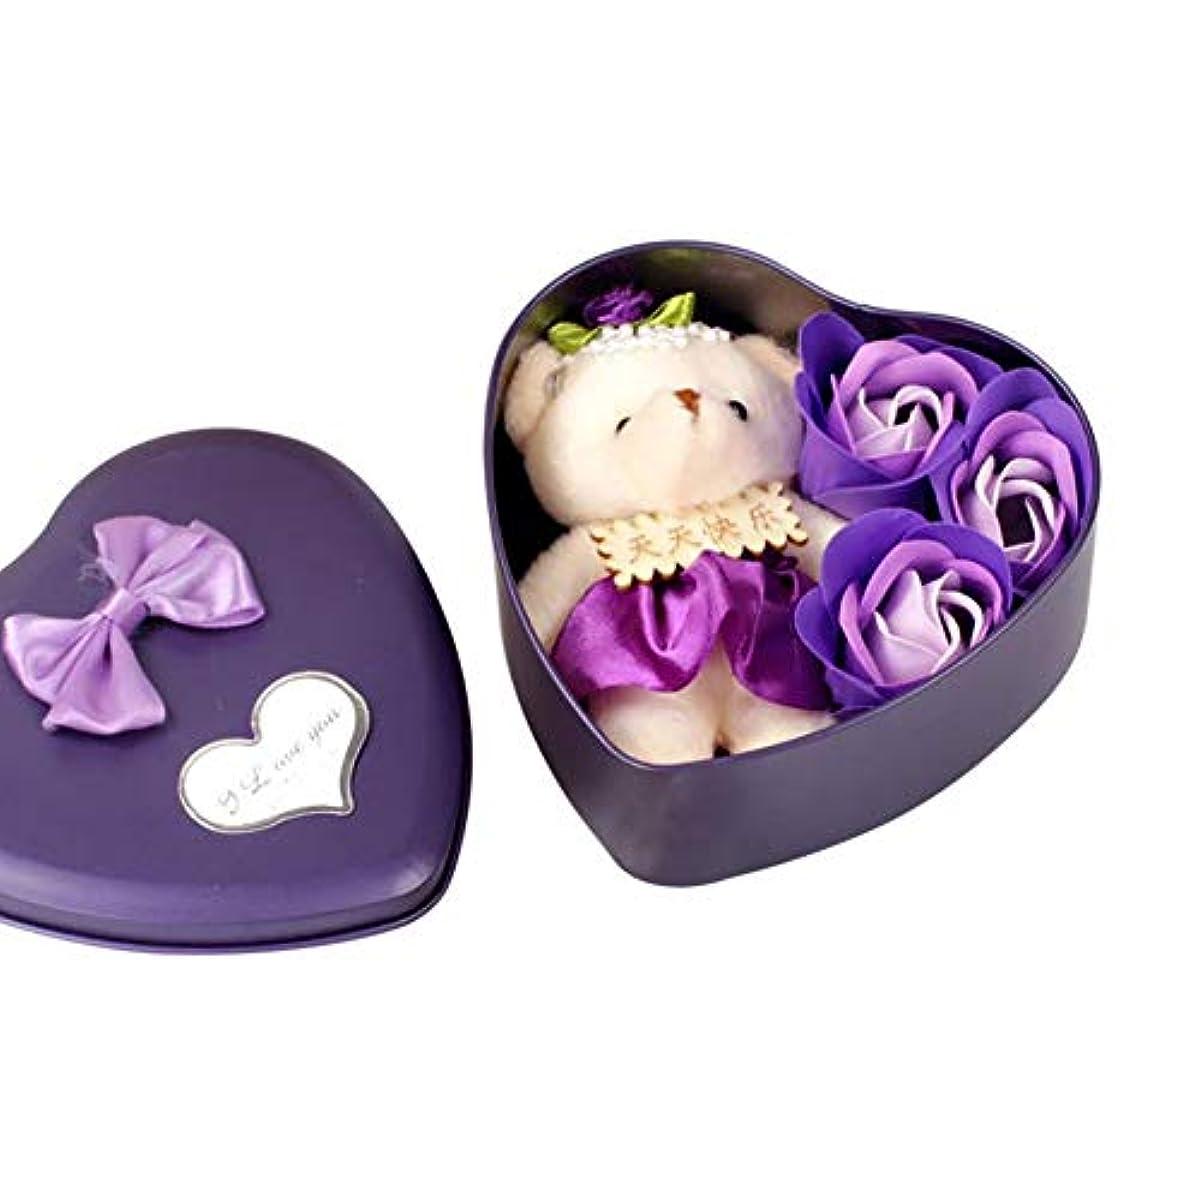 シエスタトン重くする3個 香り バラの花 花びら ハート形 ギフト ボックス クマ バス ボディソープ ギフト ウェディング パーティー